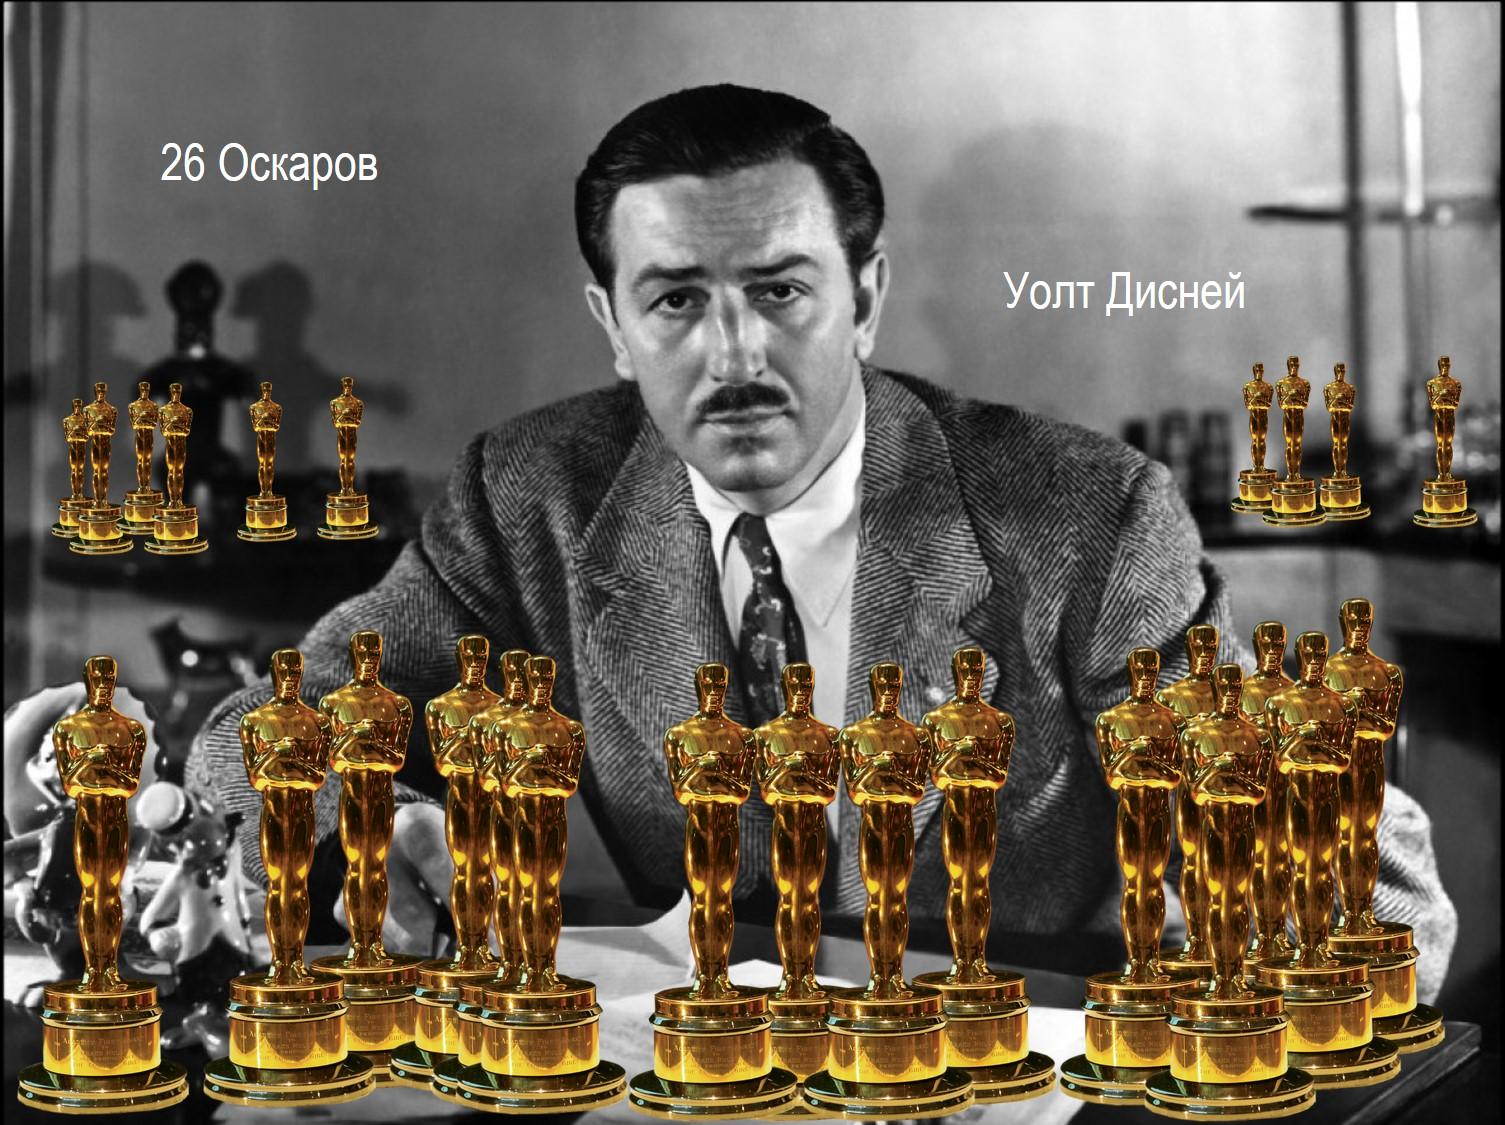 Больше всего Оскаров получил Уолт Дисней 26 Оскаров